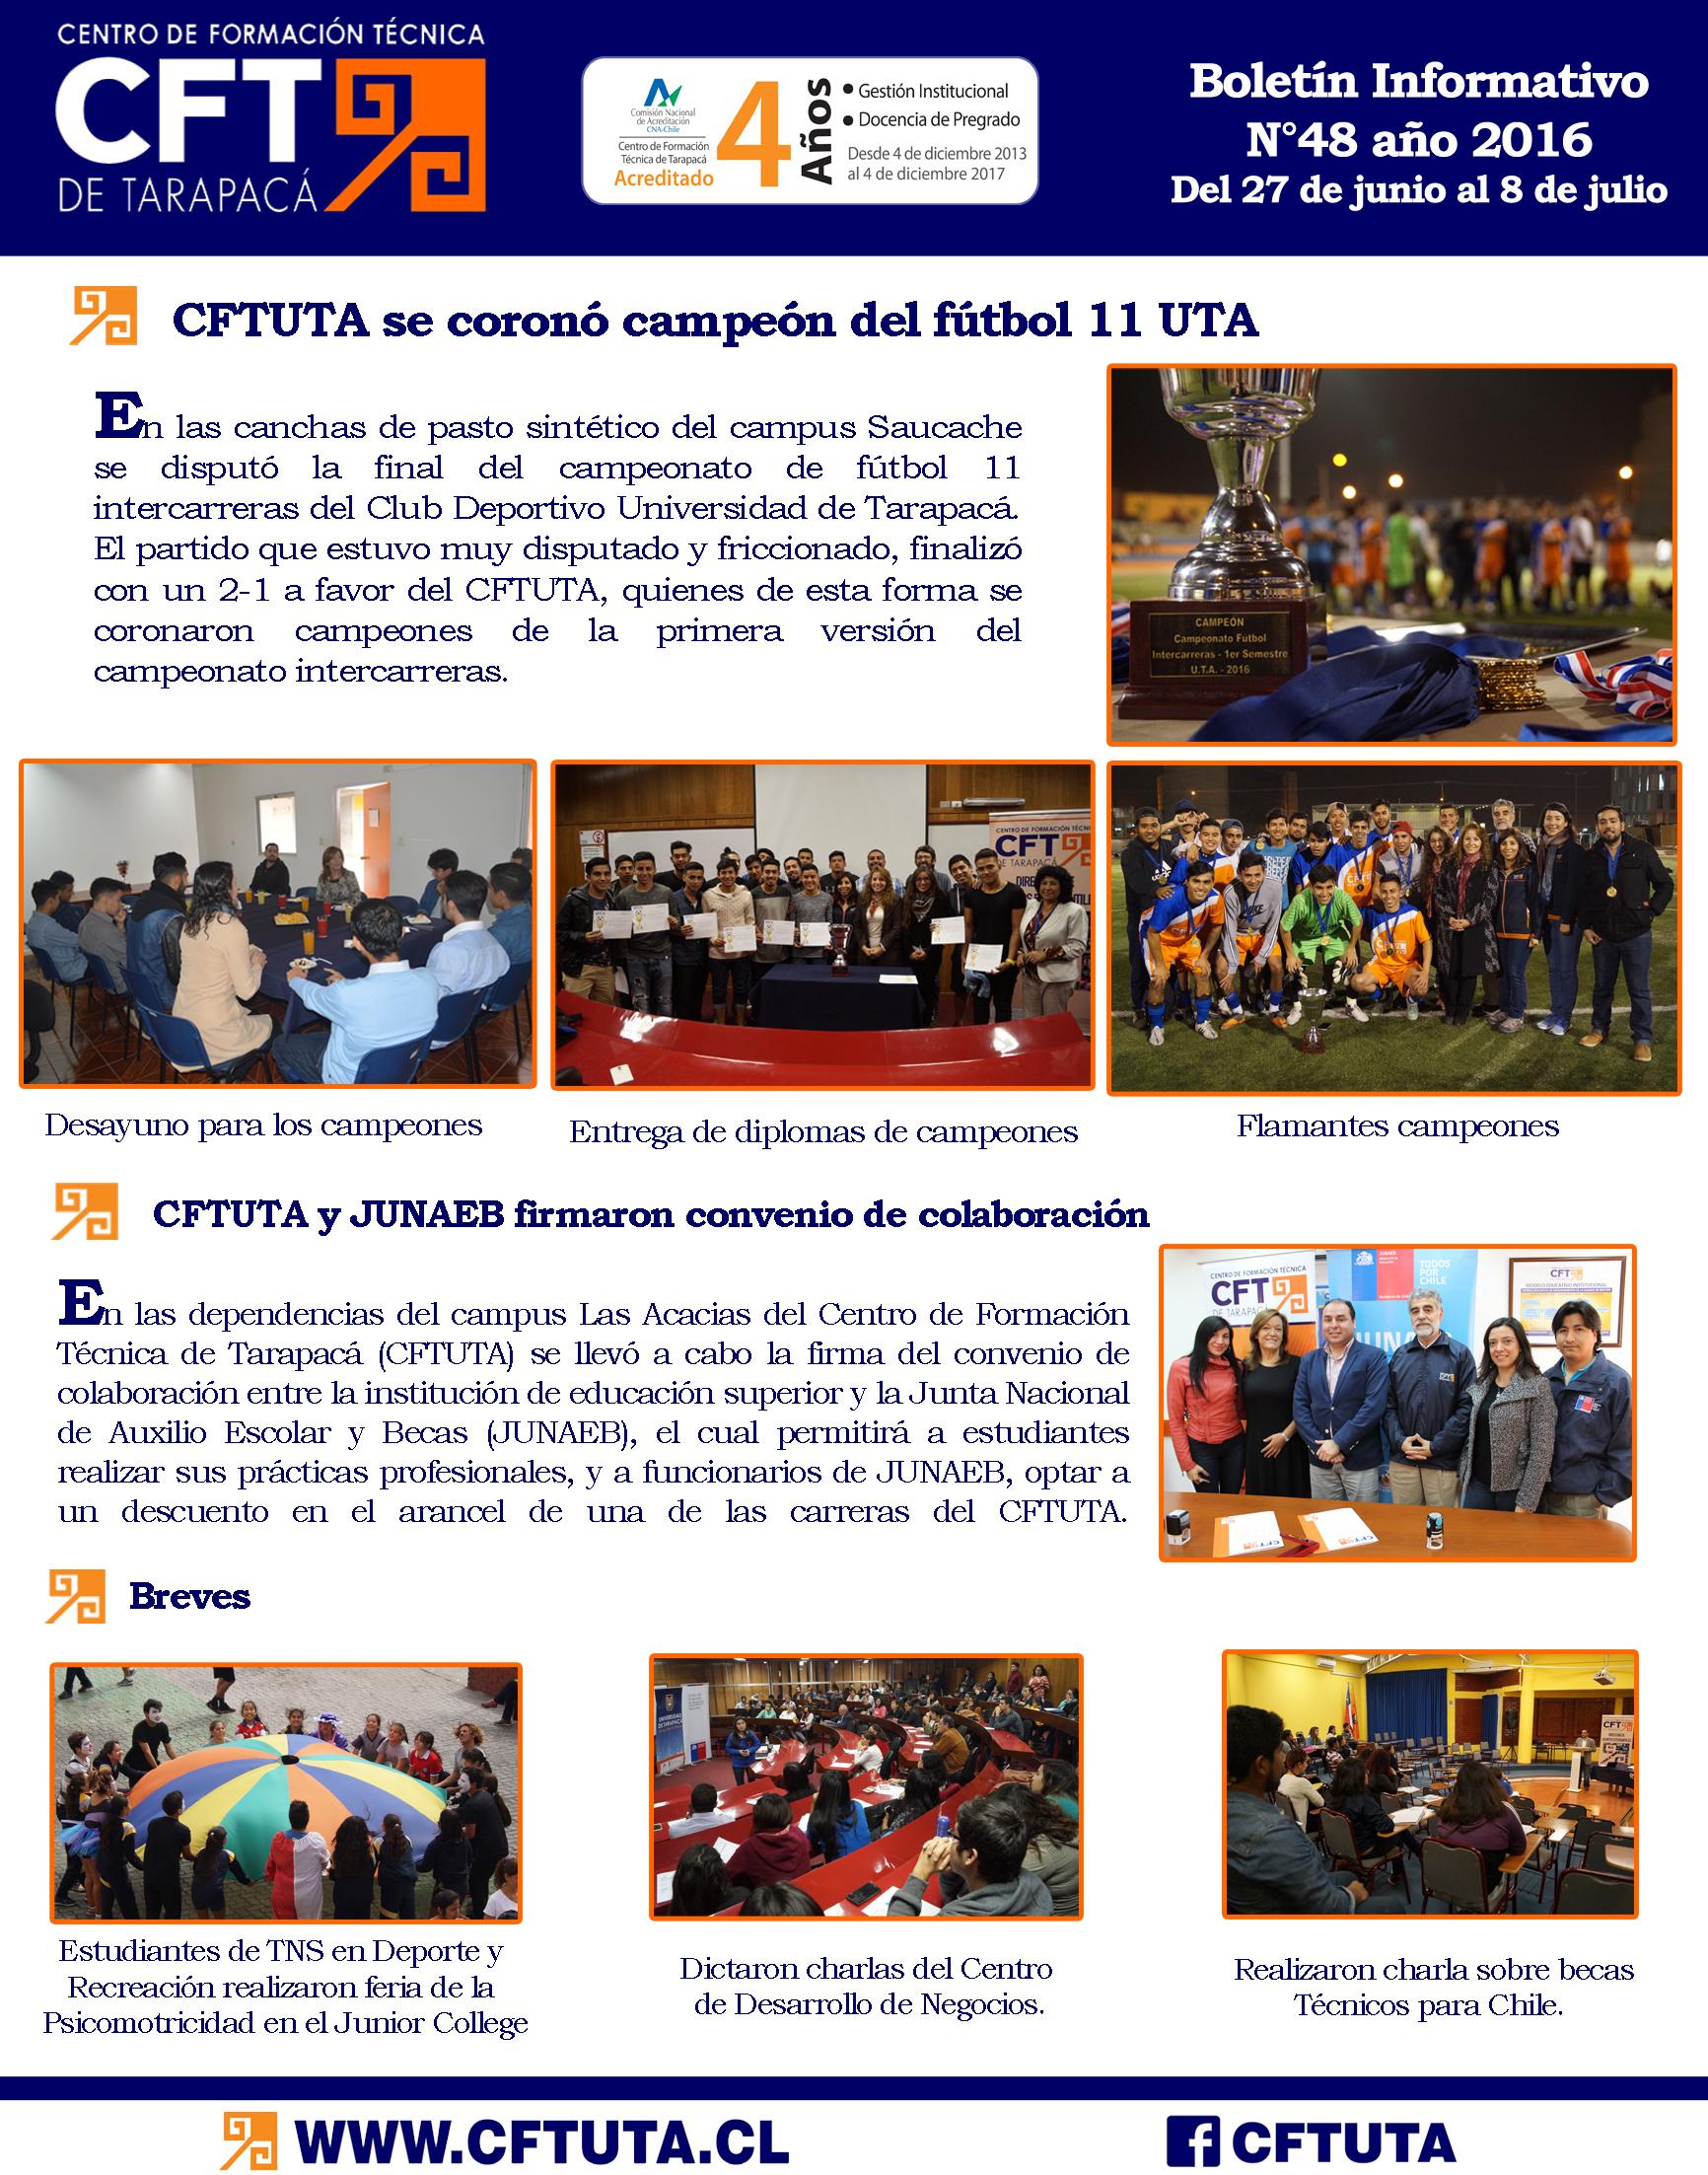 Boletin_N°48_CFTUTA